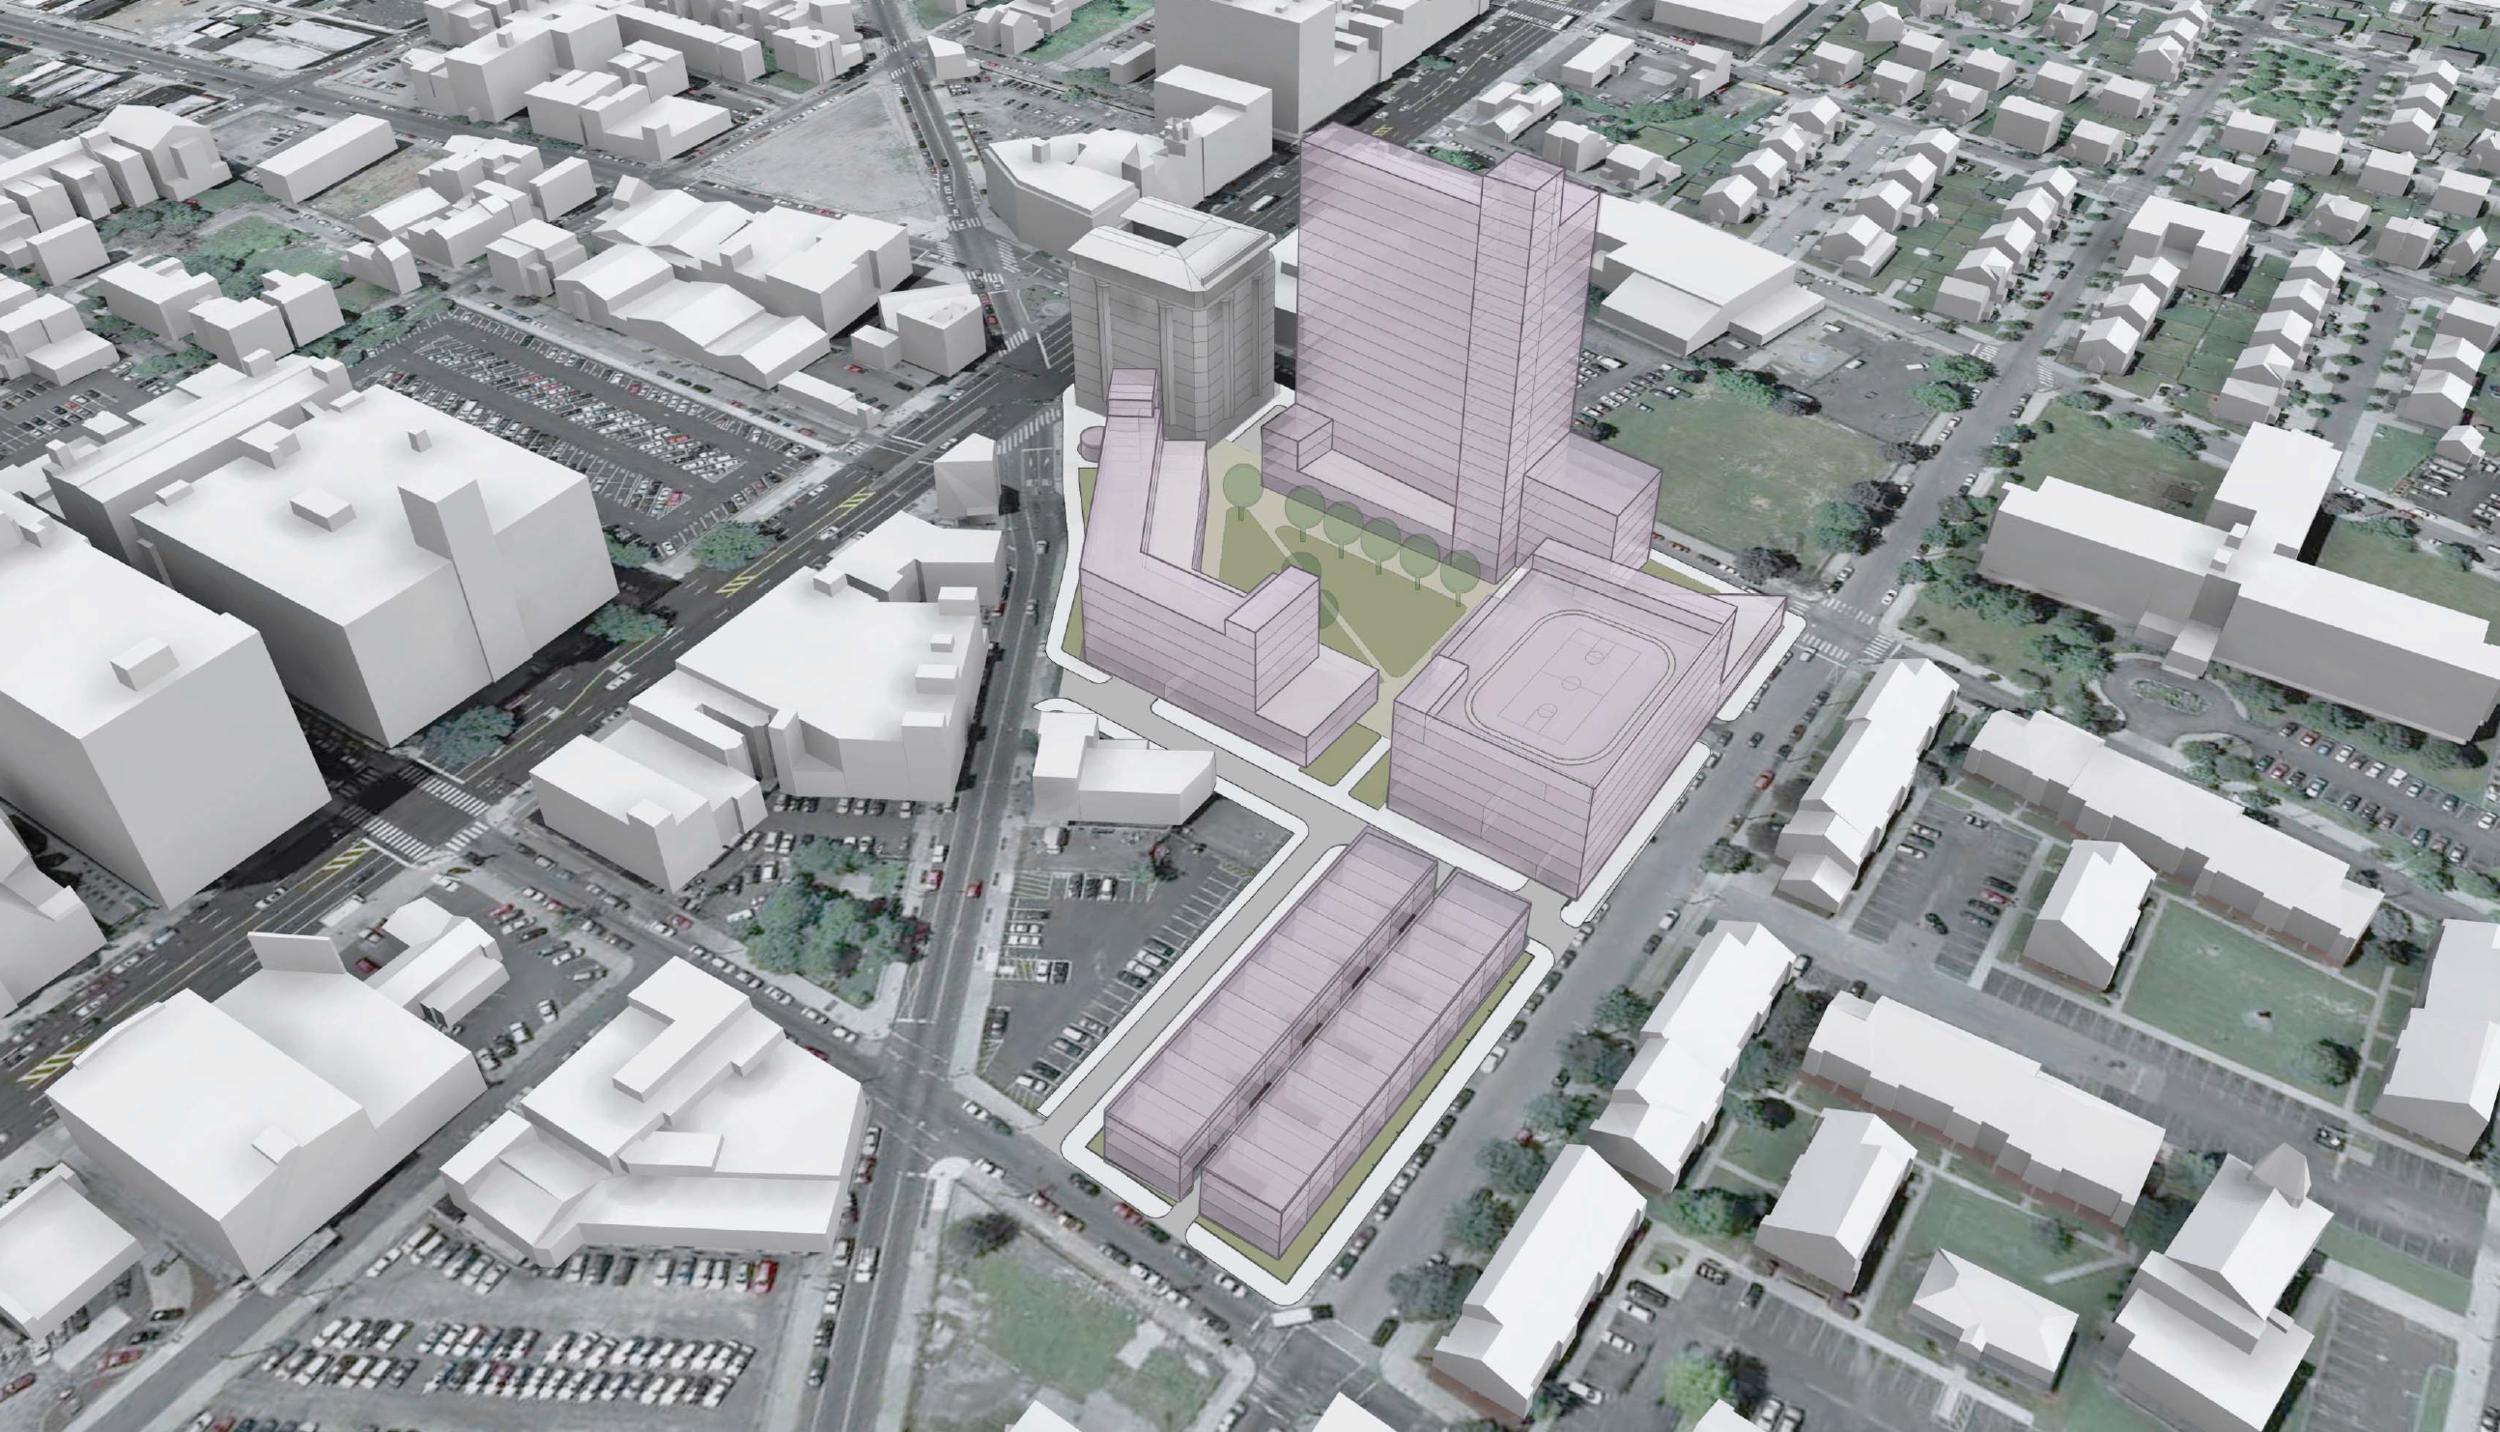 Divine Lorraine Hotel and Land Development Proposal